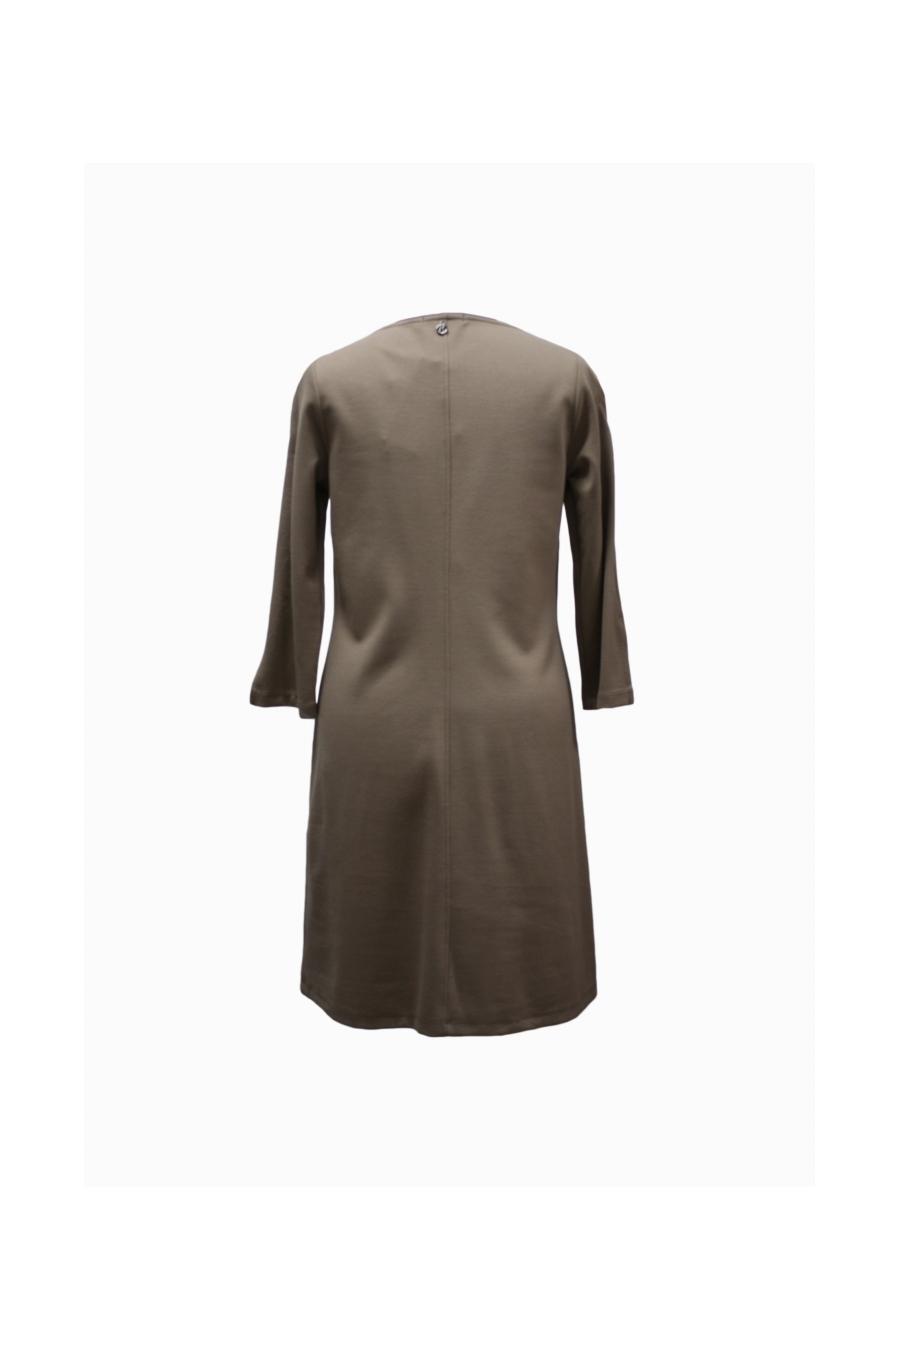 Maloka: Fit & Flare Pocket Midi Dress (Many Colors!)